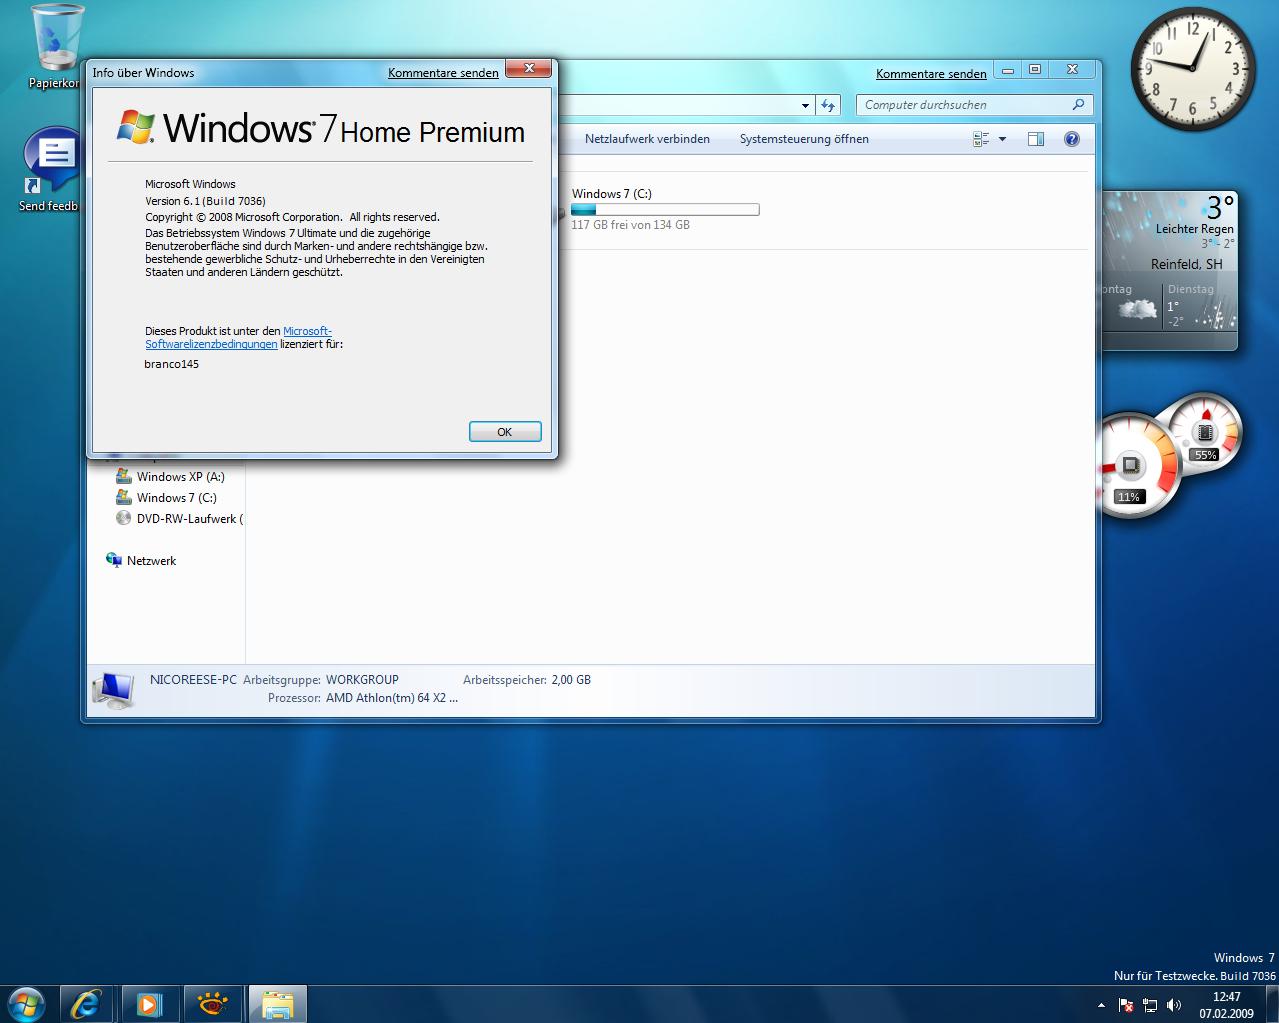 Скачать Программу Cw Для Активации Windows 7 Бесплатно